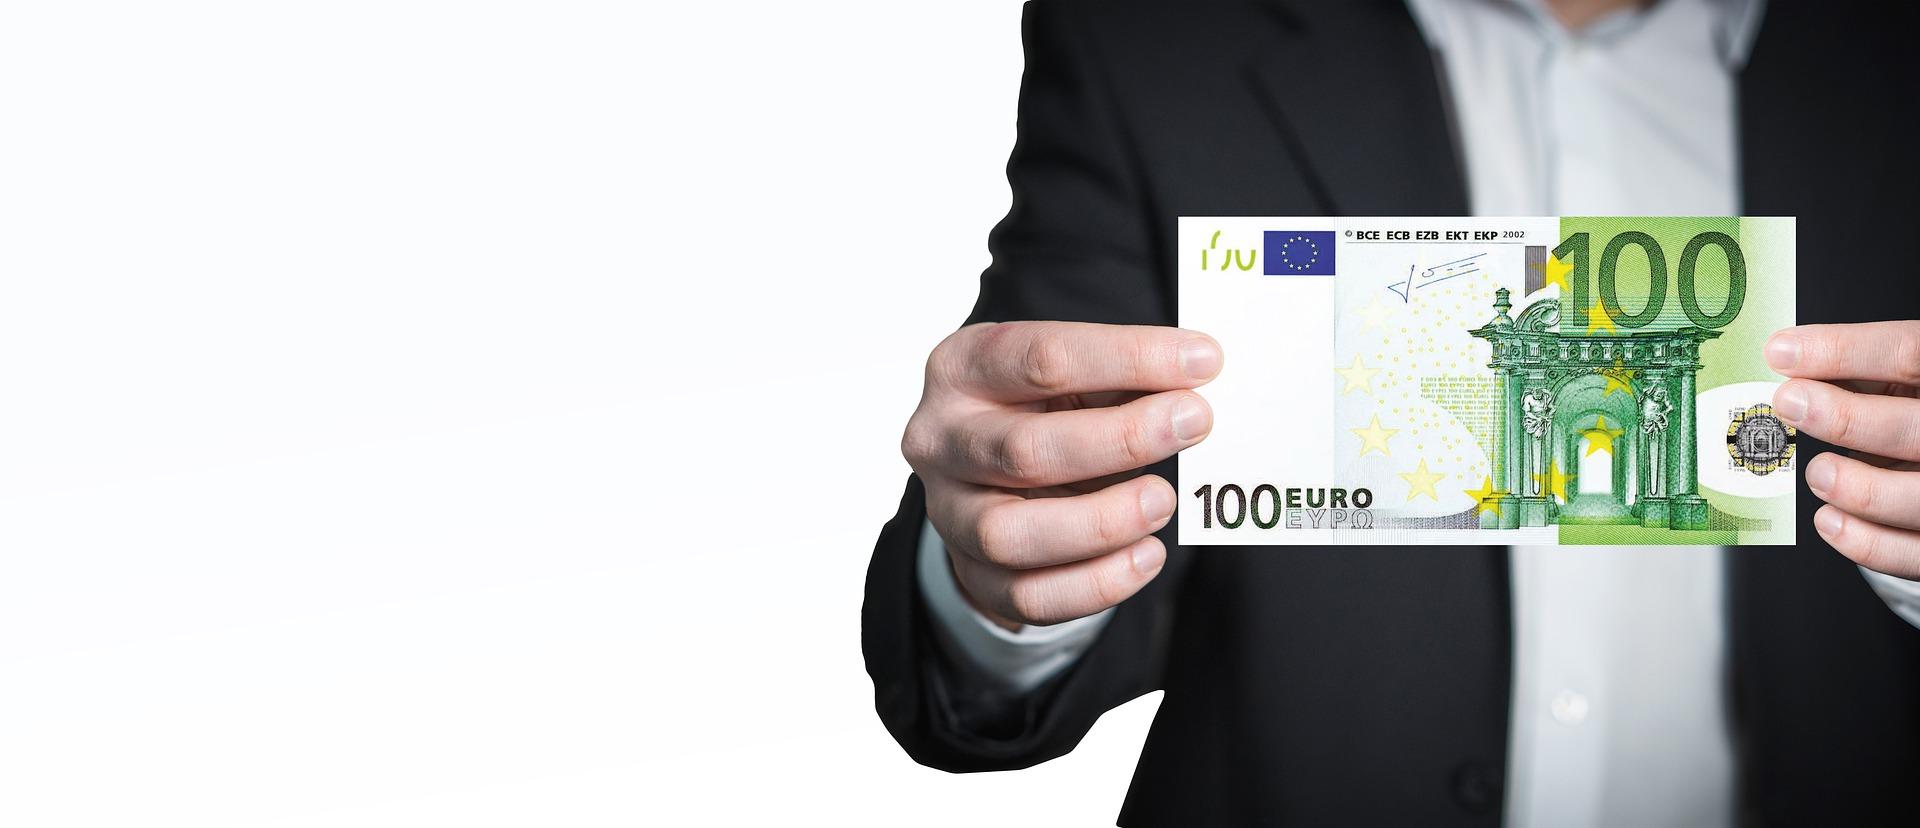 10 Euro 621243